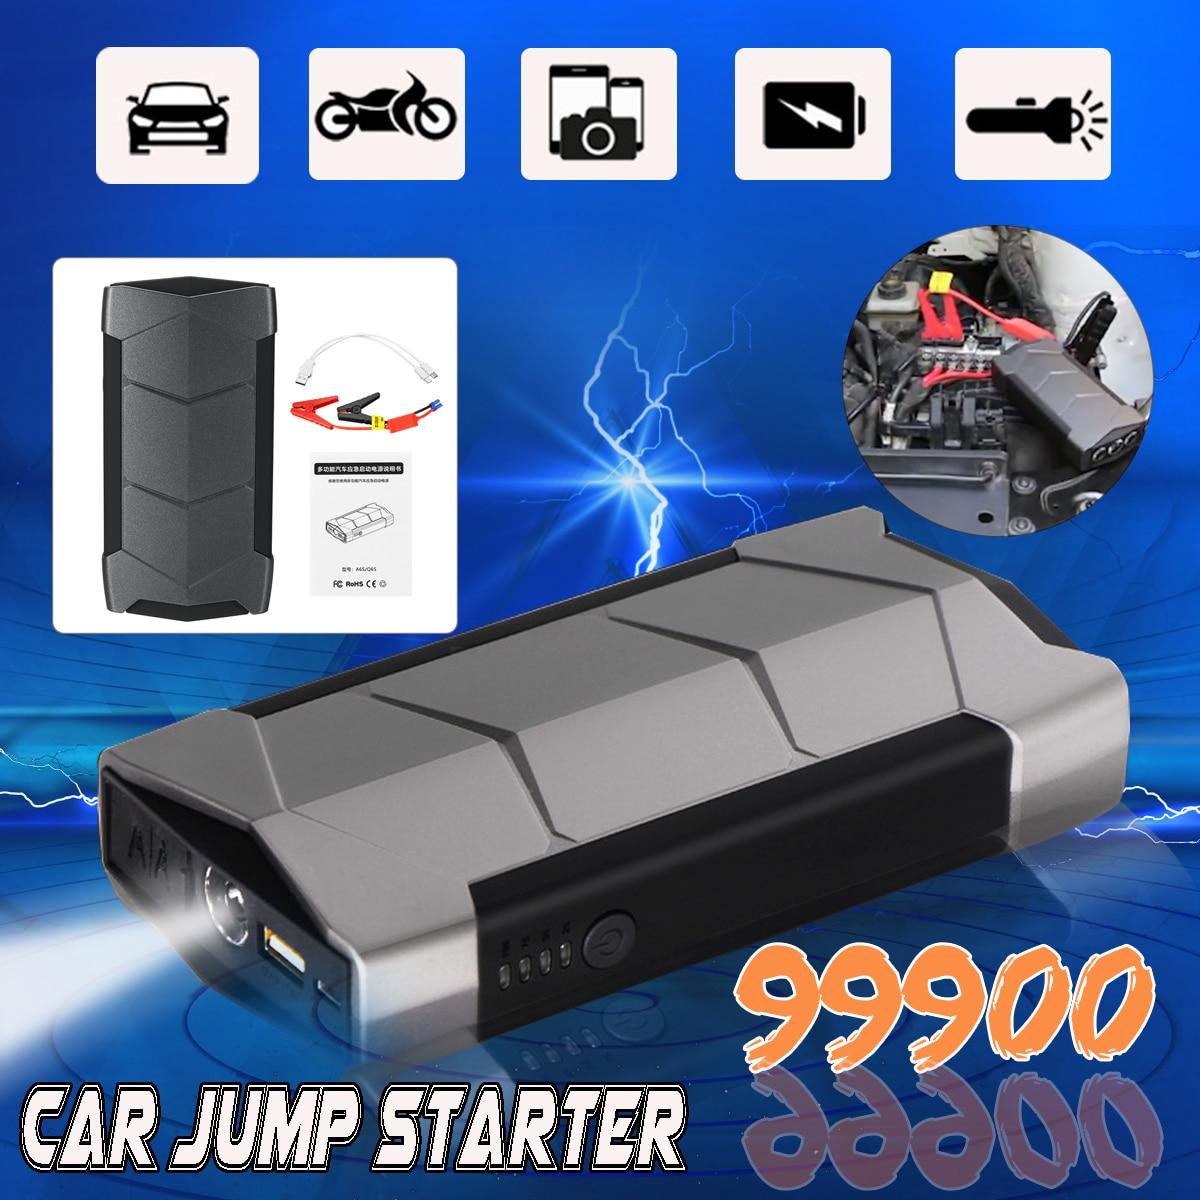 Mini chargeur portatif d'usb de batterie de démarreur de saut de voiture de 12 V 99900 mAh chargeur portatif de secours lumière de torche LED de SOS pour le dispositif de démarrage